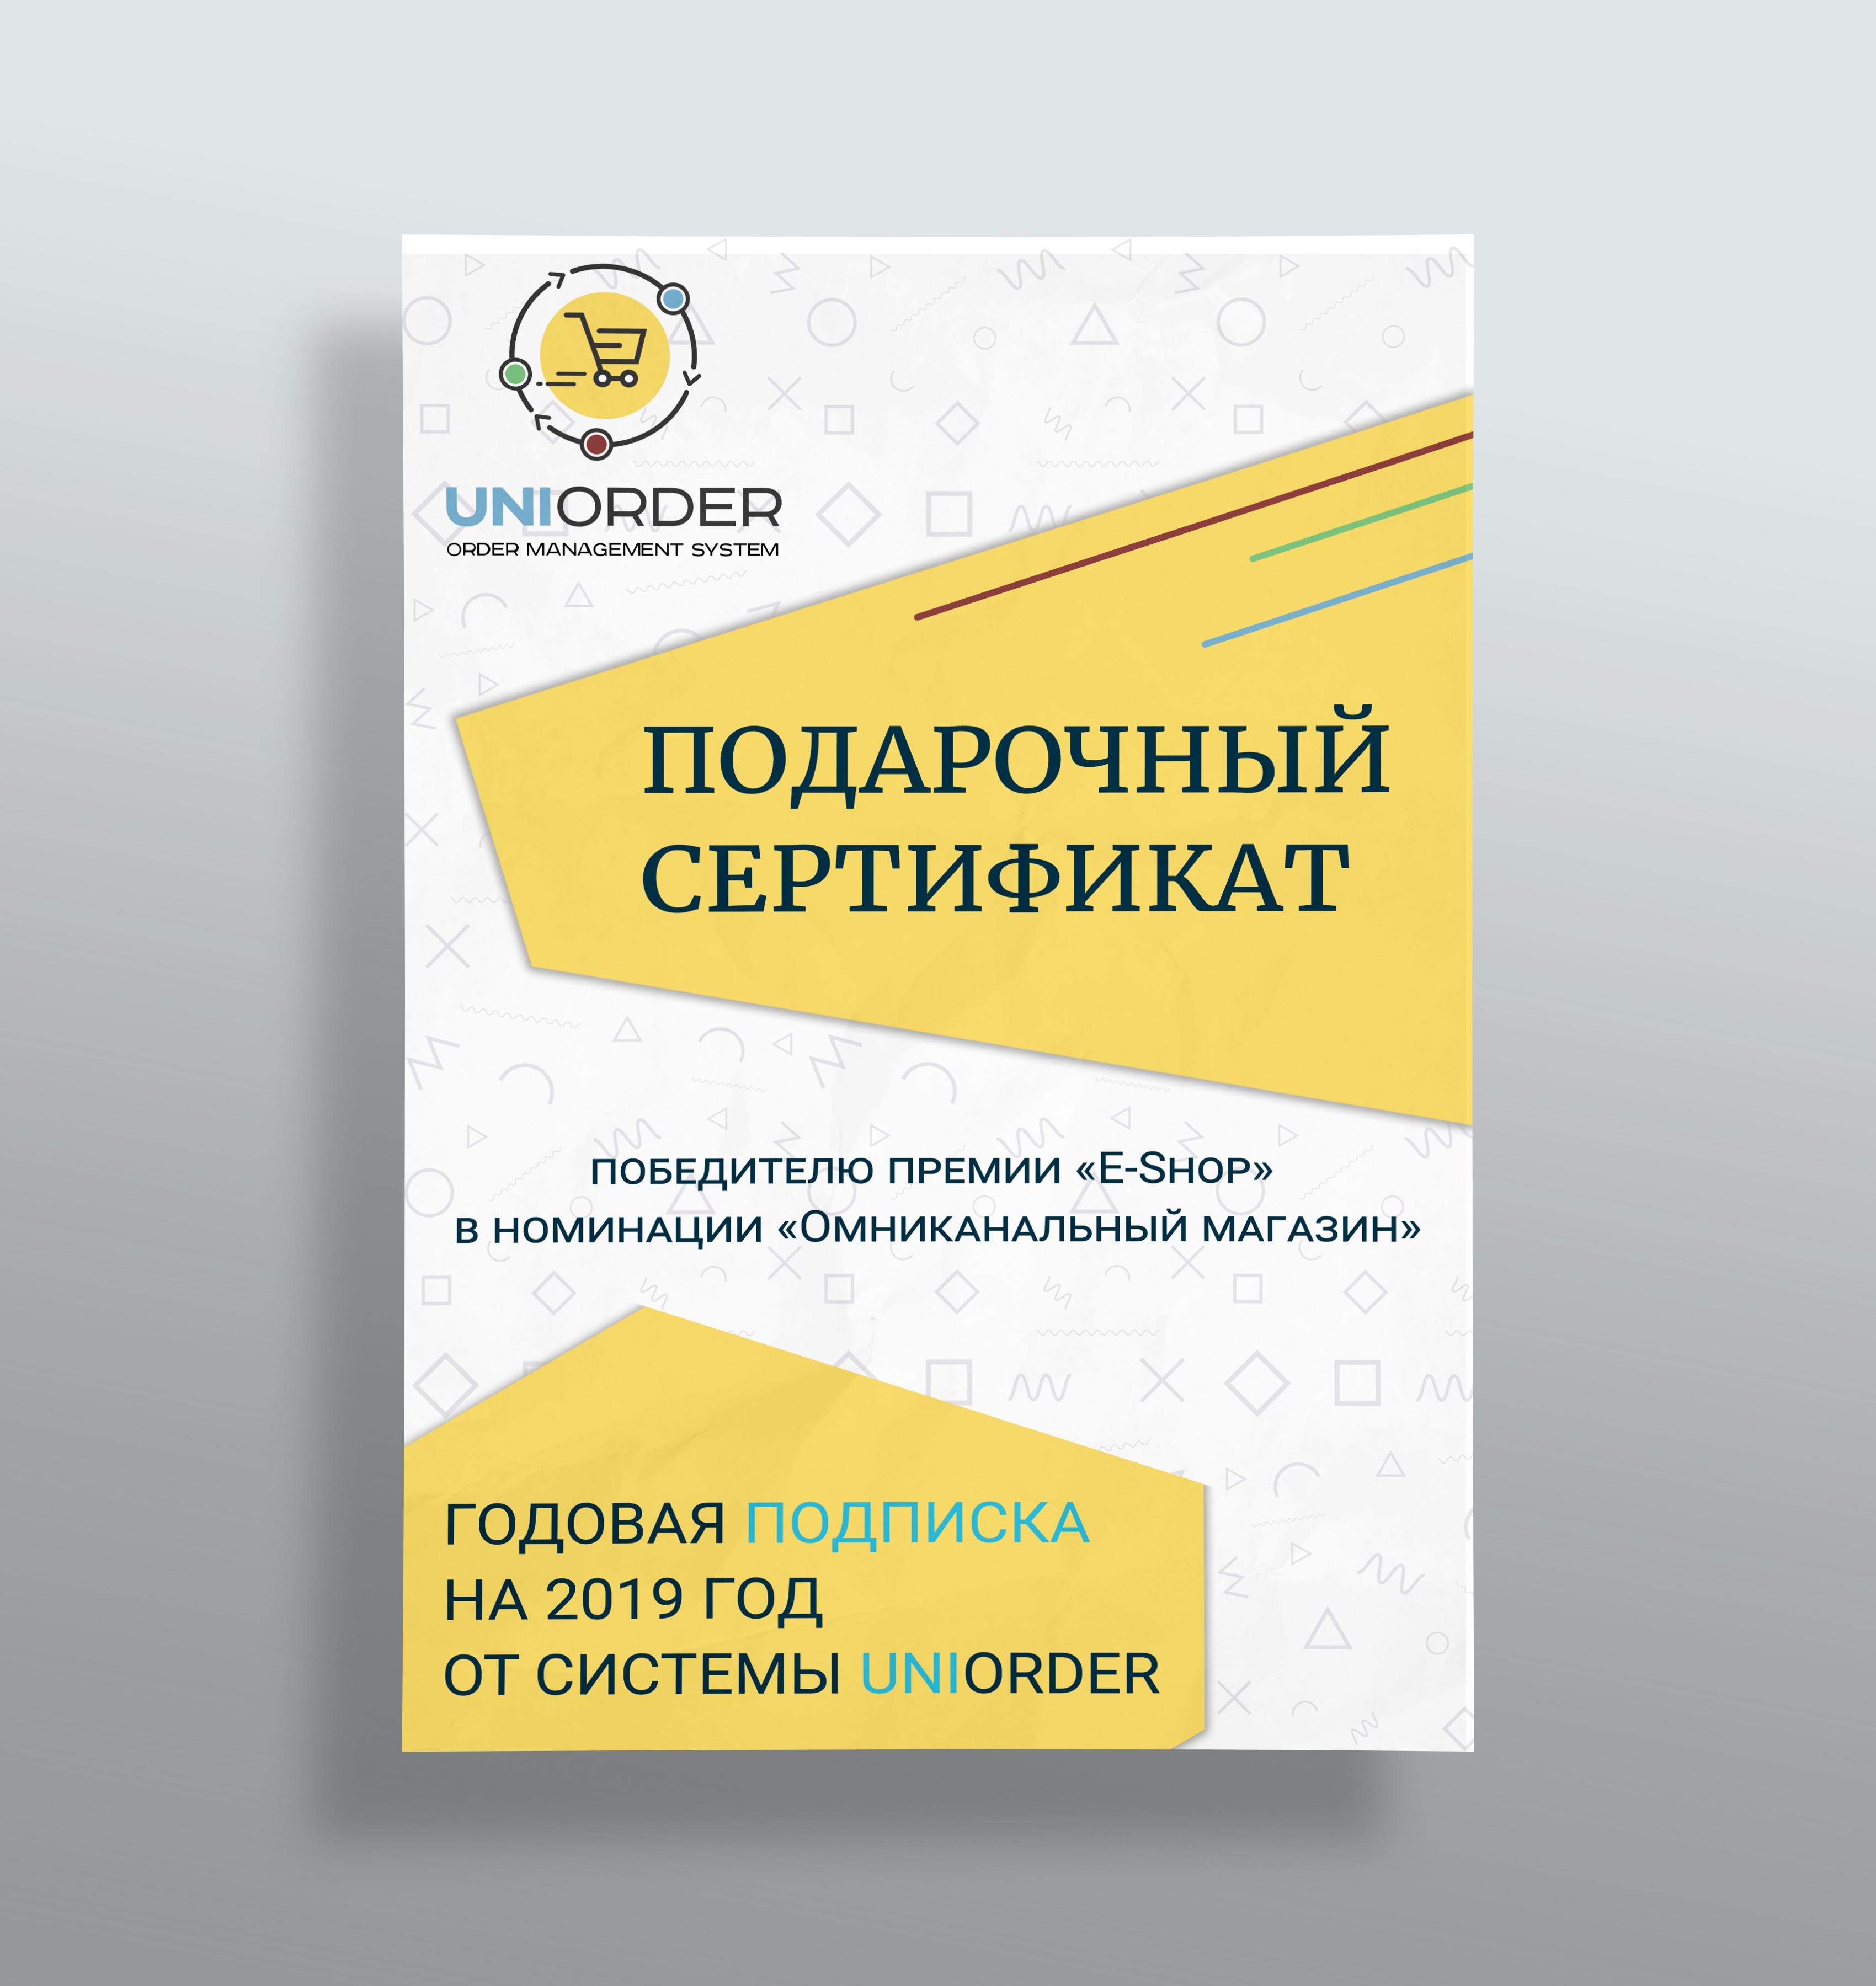 Фото Подарочный сертификат А4